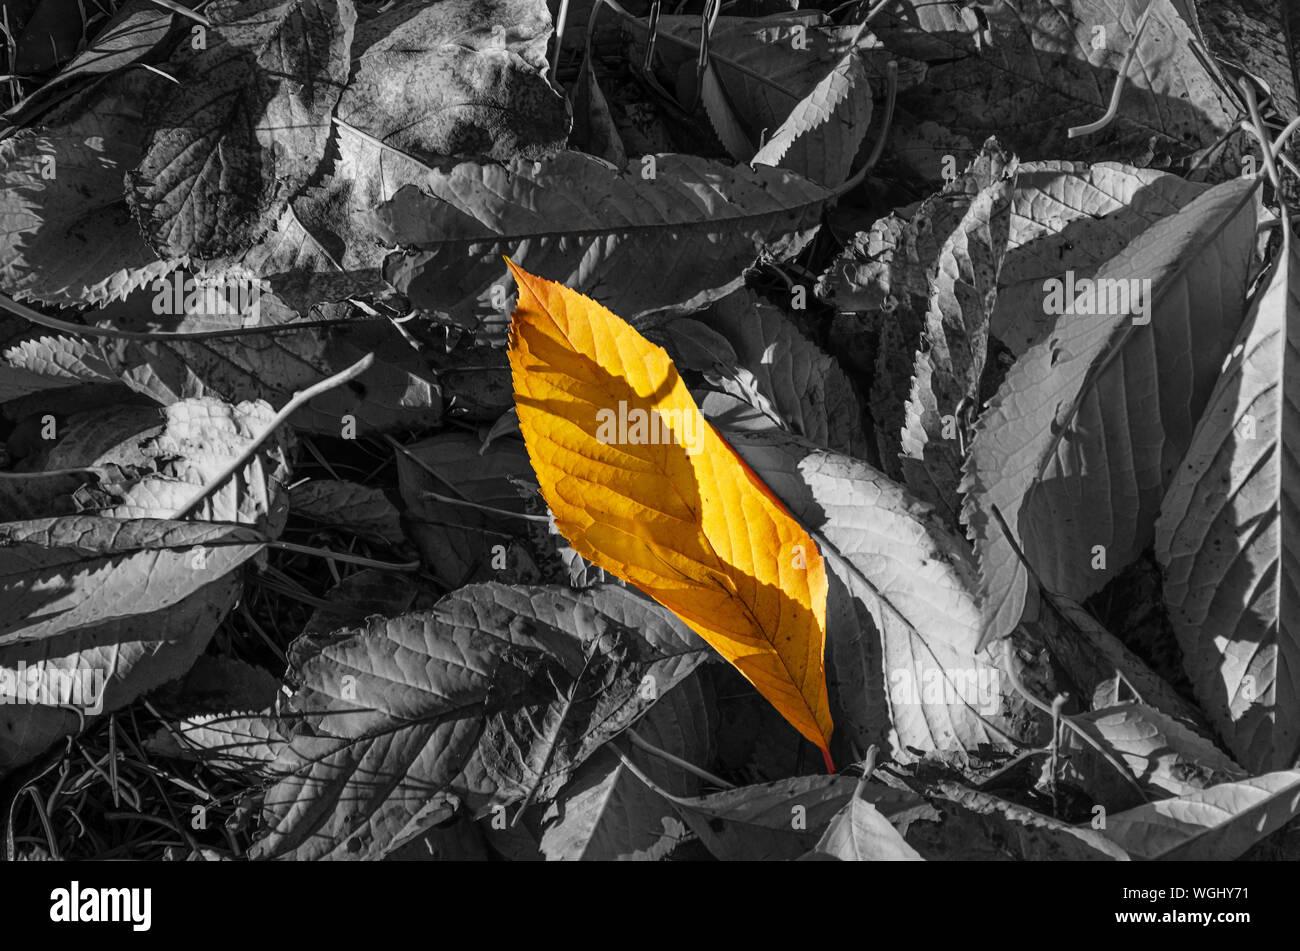 Caído hojas incoloro, entre ellos uno de color amarillo brillante. La singularidad, la diferencia, la individualidad y sobresalir entre la multitud concepto Foto de stock